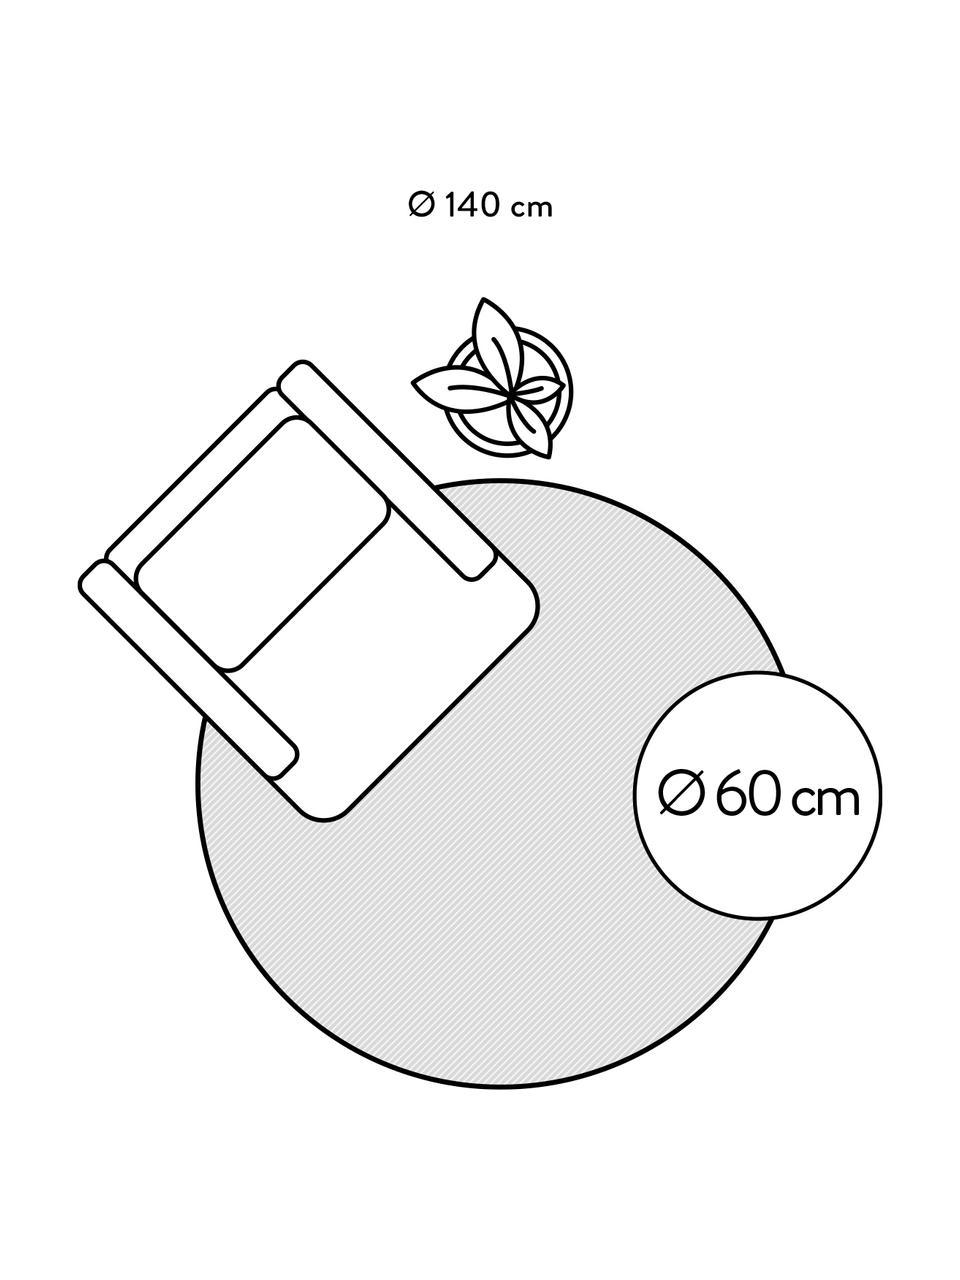 Rond in- en outdoor vloerkleed met patroon Miami in grijs/wit, 86% polypropyleen, 14% polyester, Wit, grijs, Ø 200 cm (maat L)